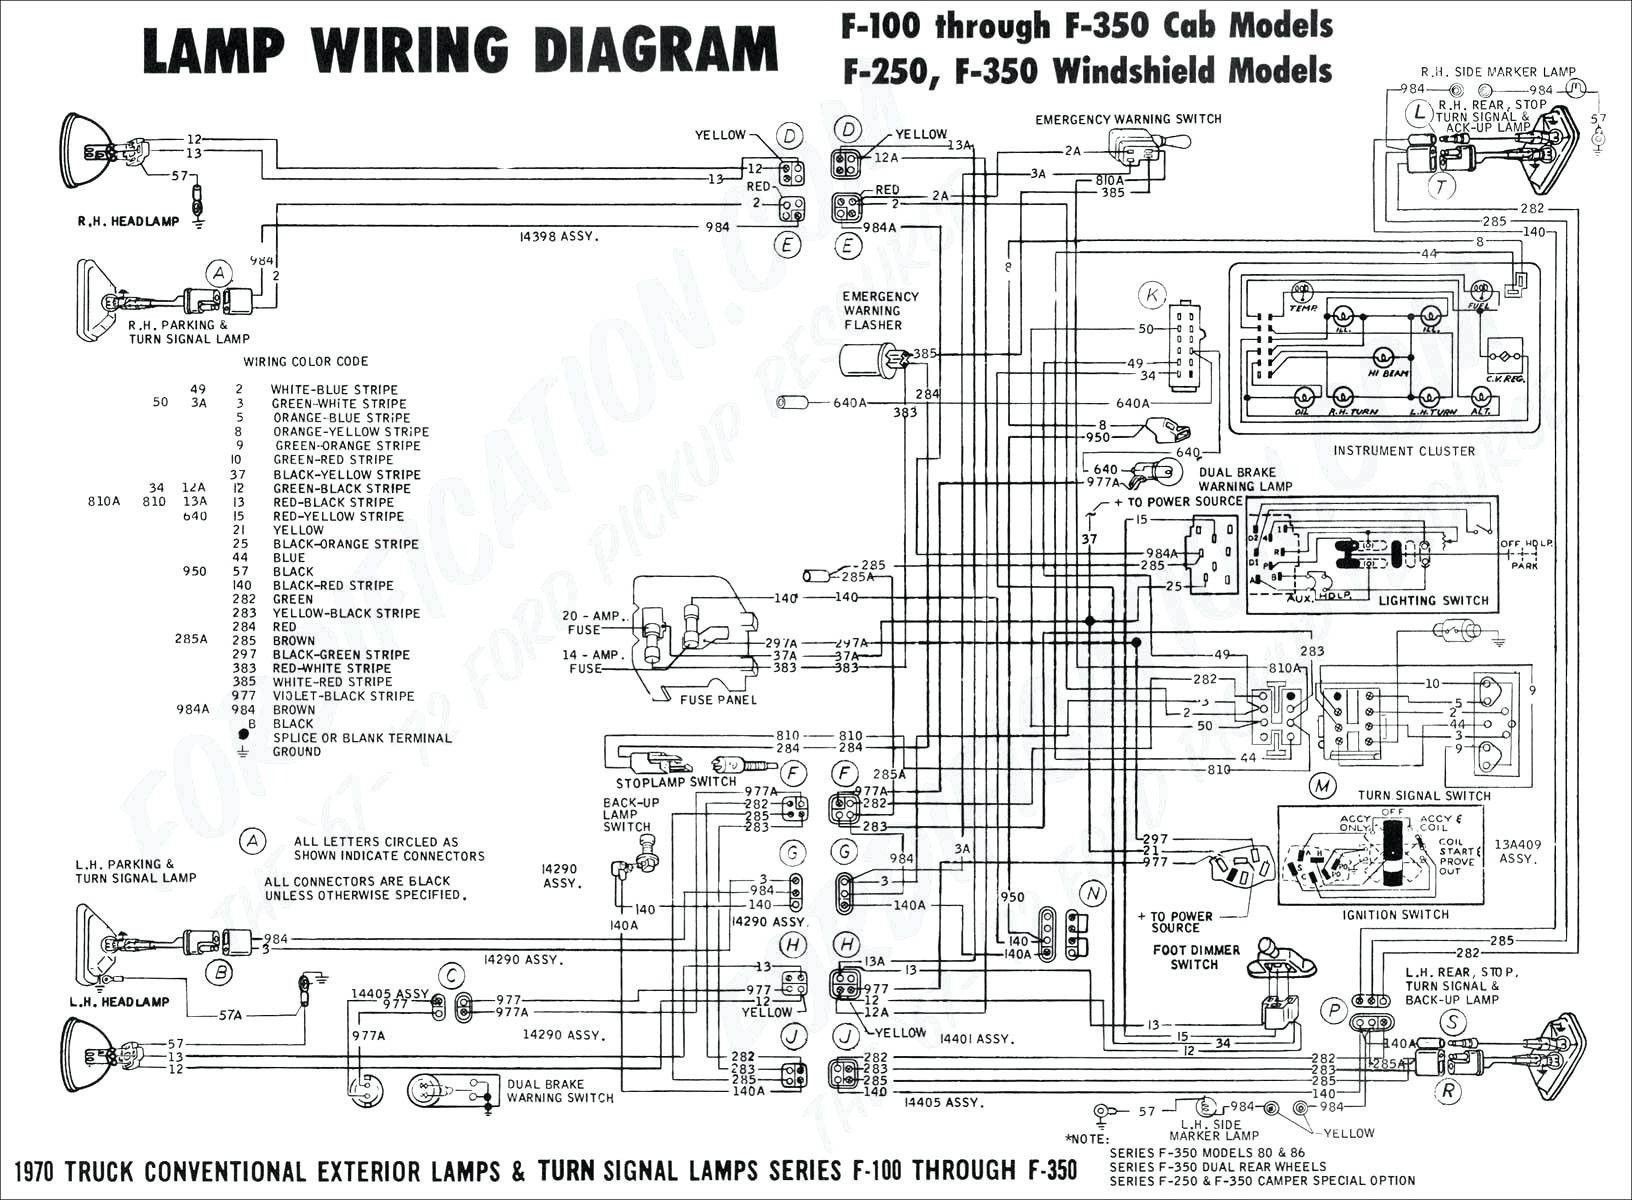 1999 Dodge Ram Wiring Schematic